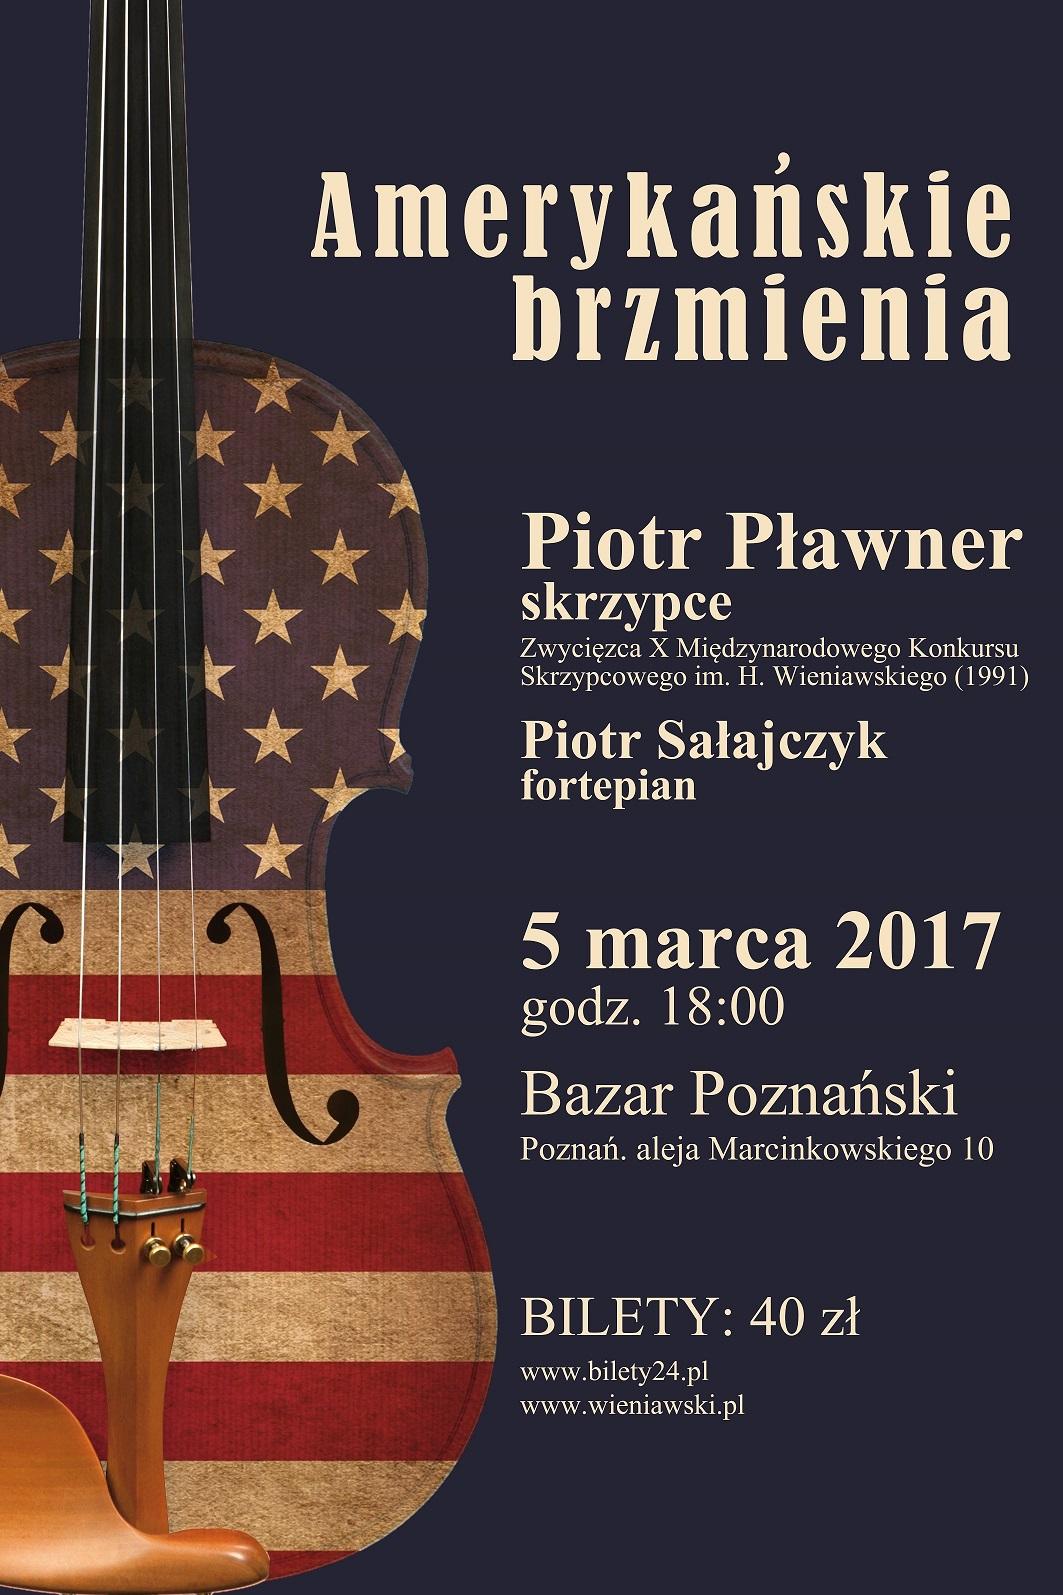 Muzyka amerykańska w Bazarze. Recital Piotra Pławnera - zwycięzcy 10. Międzynarodowego Konkursu Skrzypcowego im. H. Wieniawskiego i Piotra Sałajczyka (5.03.2017)